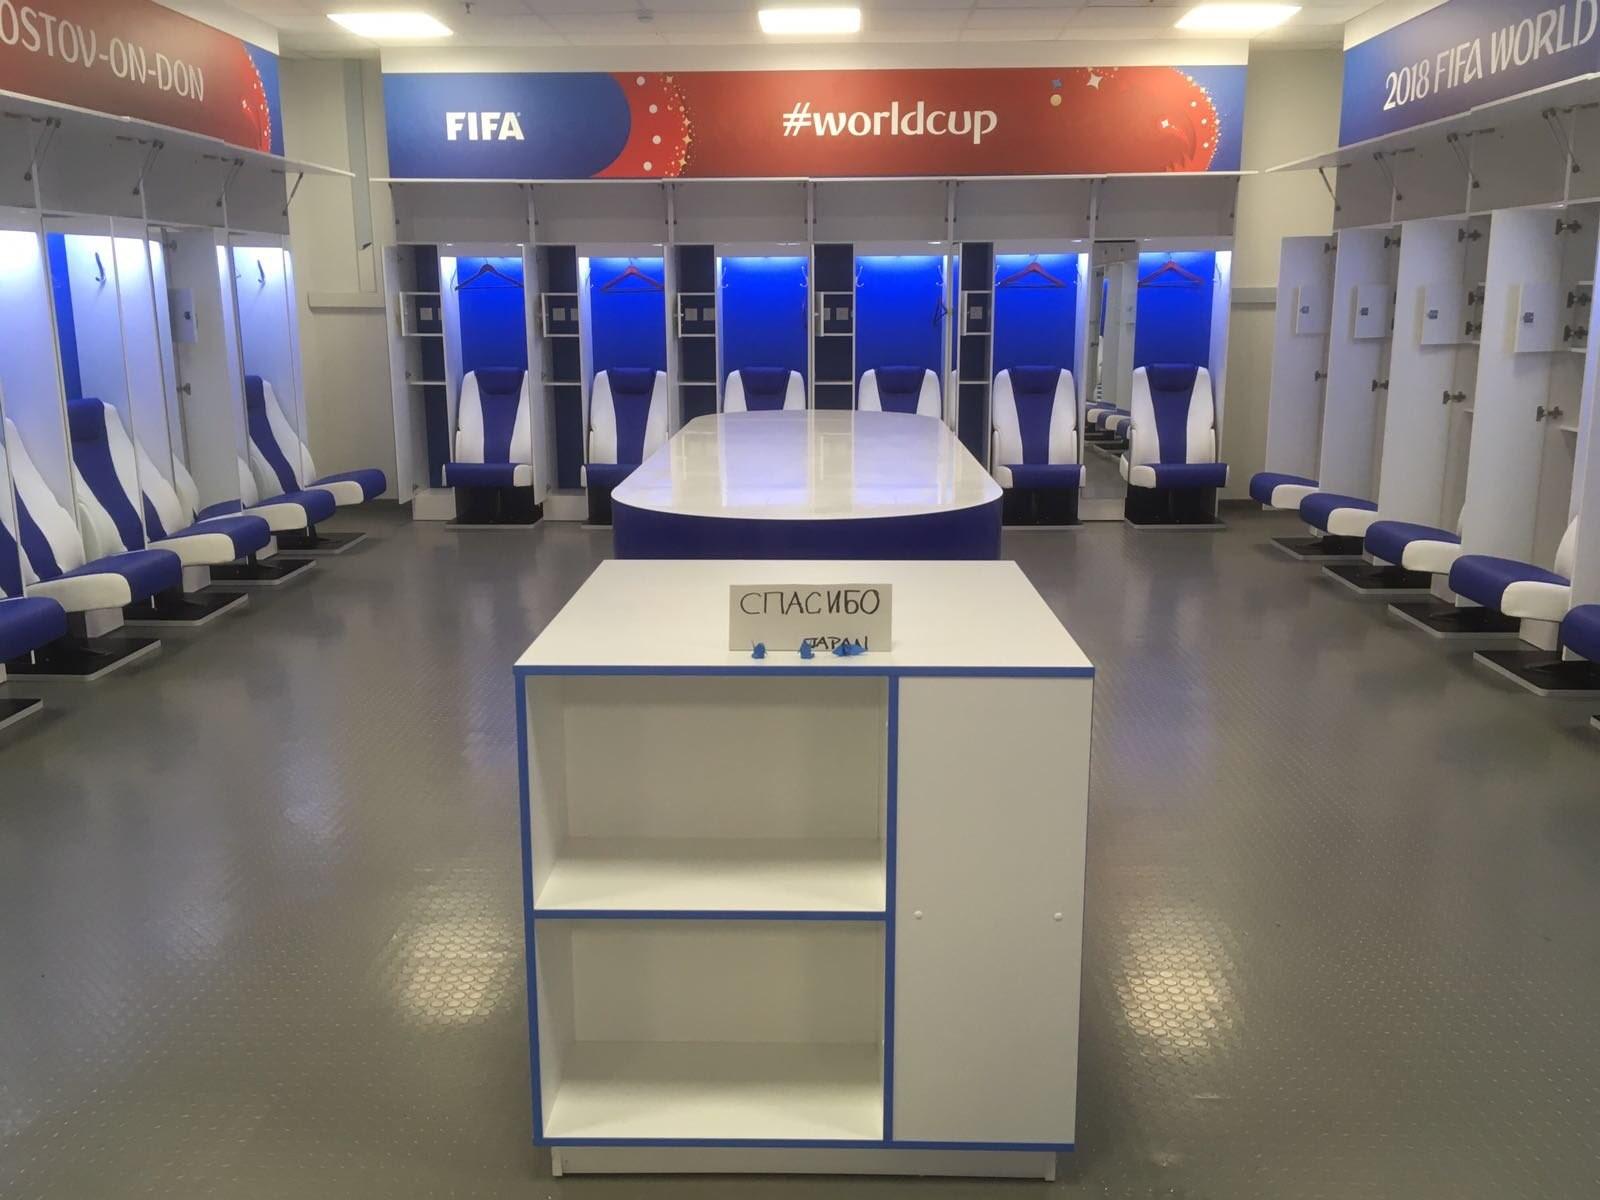 赛后打扫更衣室用俄语留言致谢,FIFA官微点赞日本队